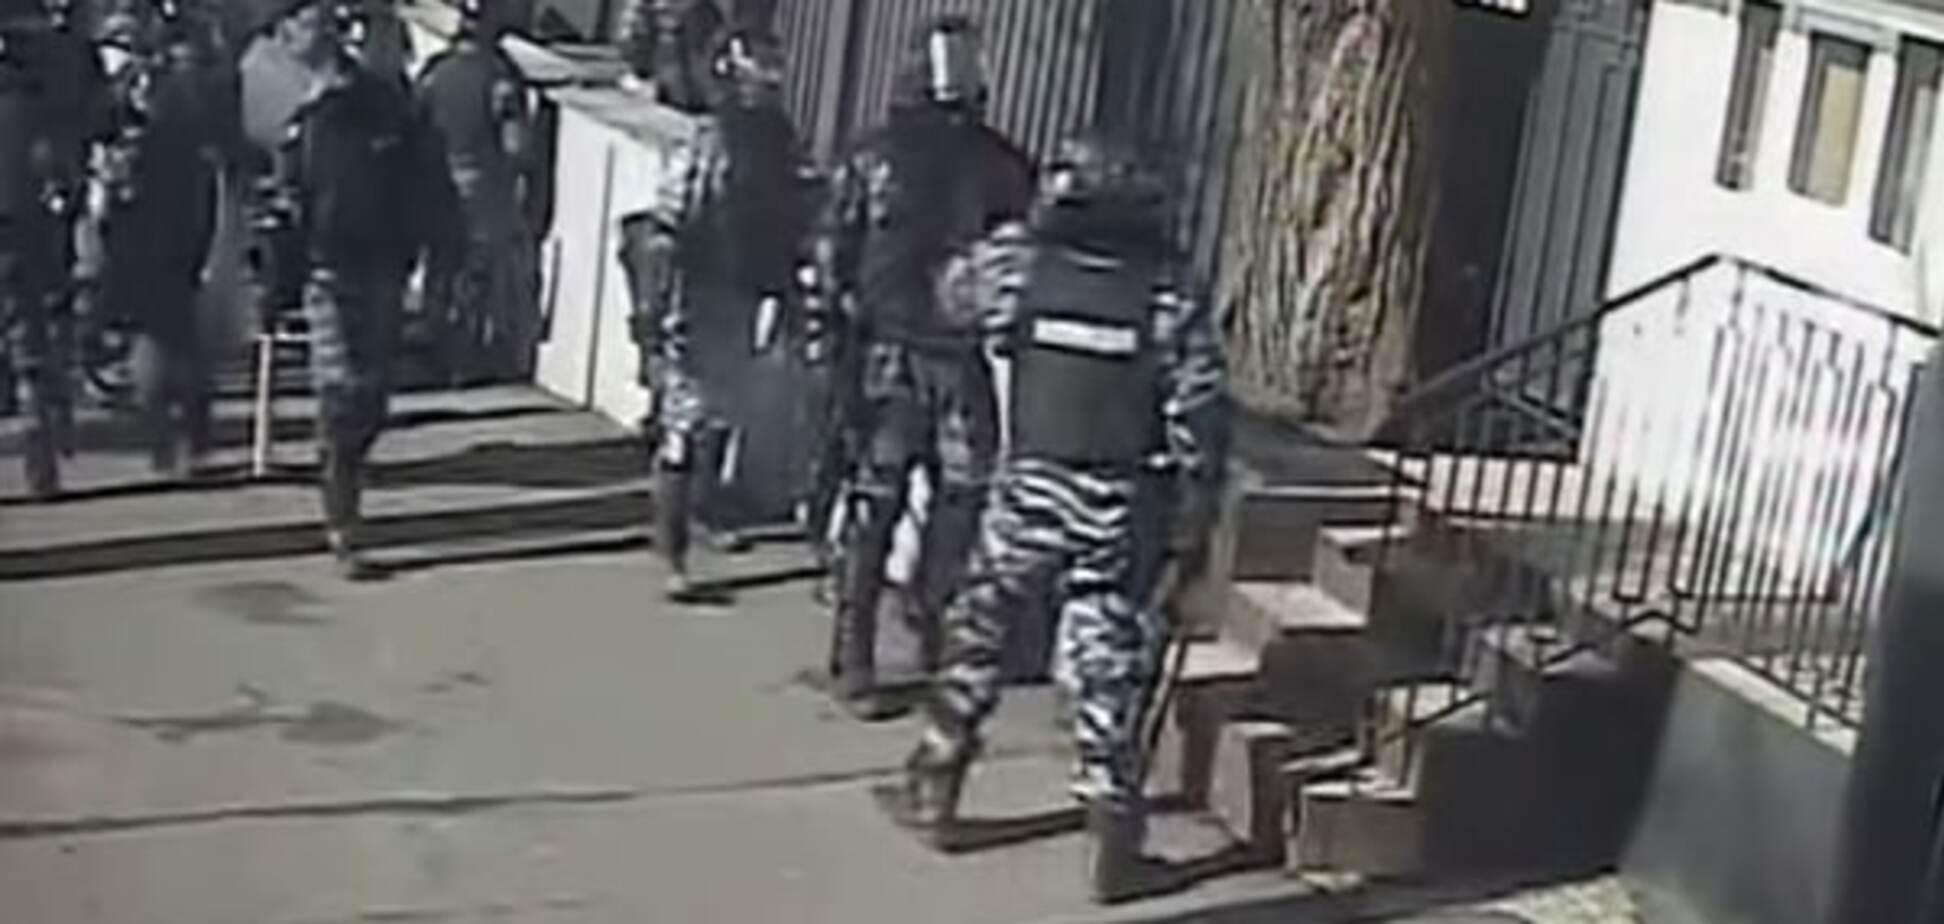 Опубликовано новое видео избиения 'Беркутом' журналистов на Майдане